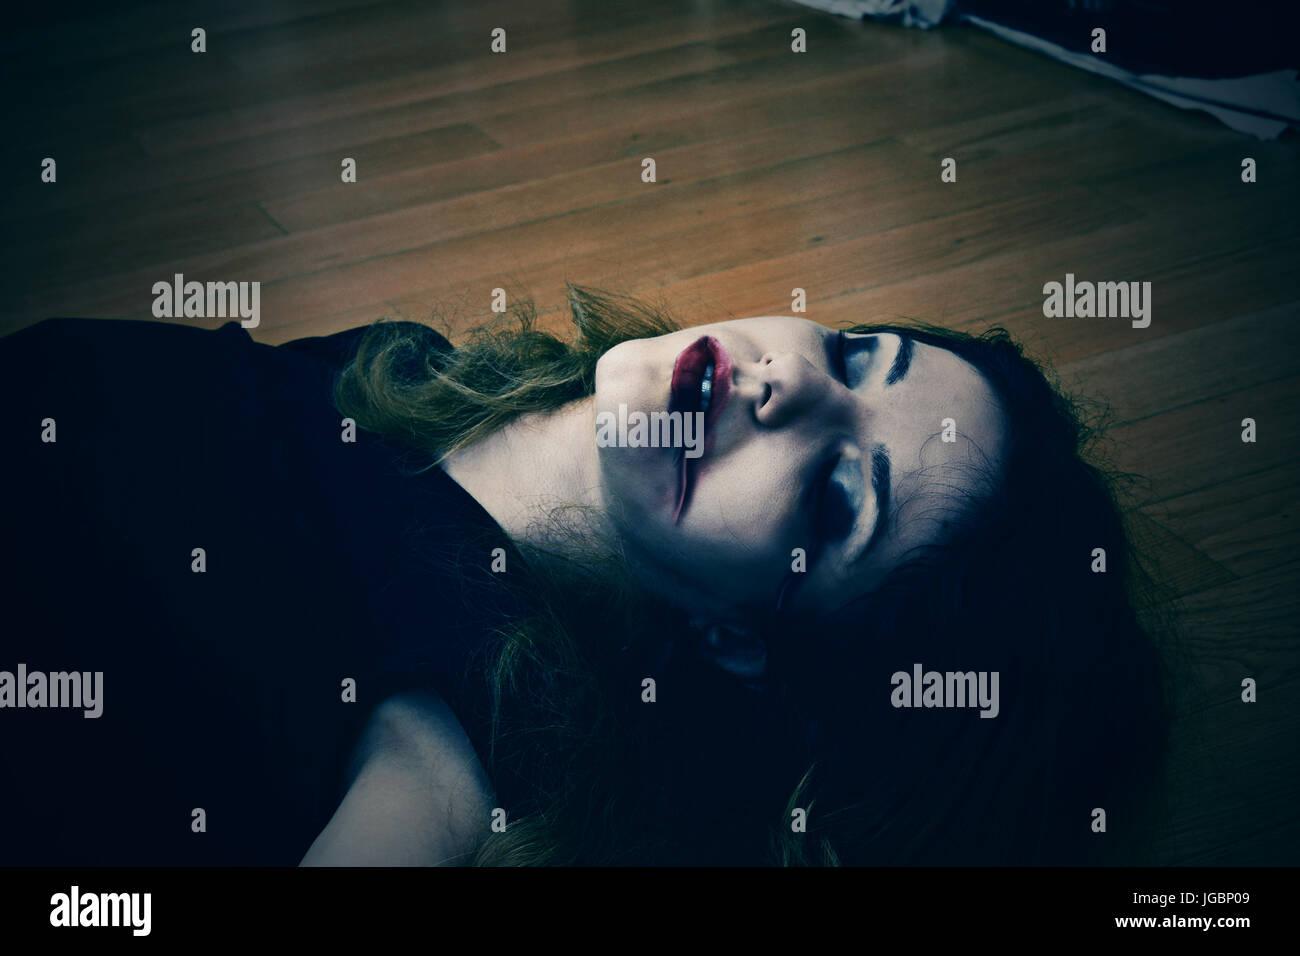 Tote Mädchen auf dem Boden mit Blut aus Mund und Nase Stockbild